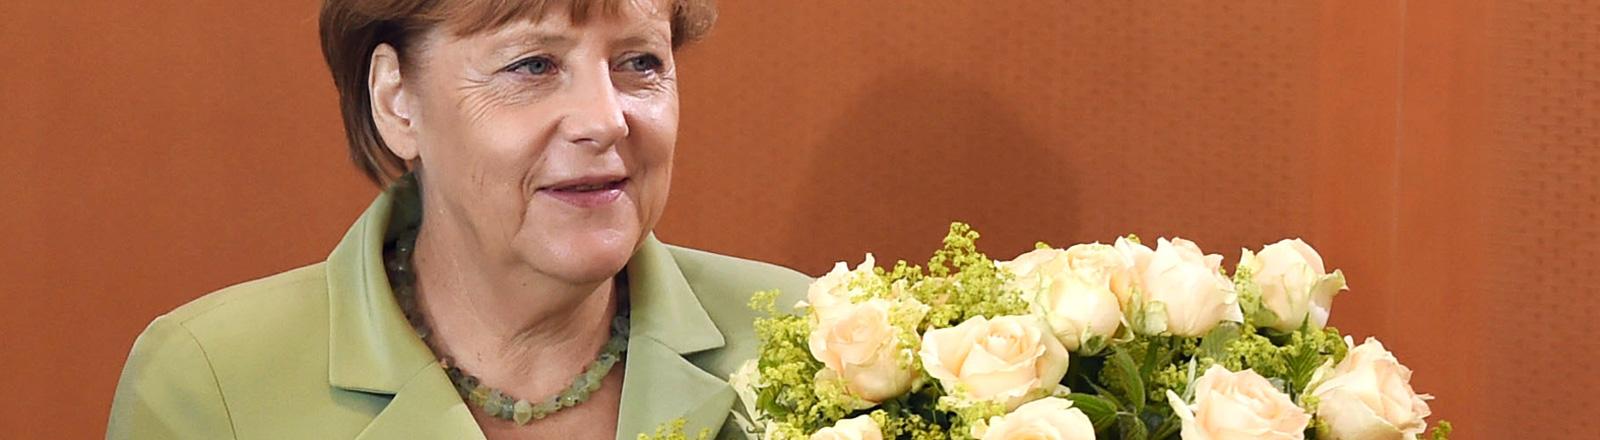 Angela Merkel mit Blumenstrauß